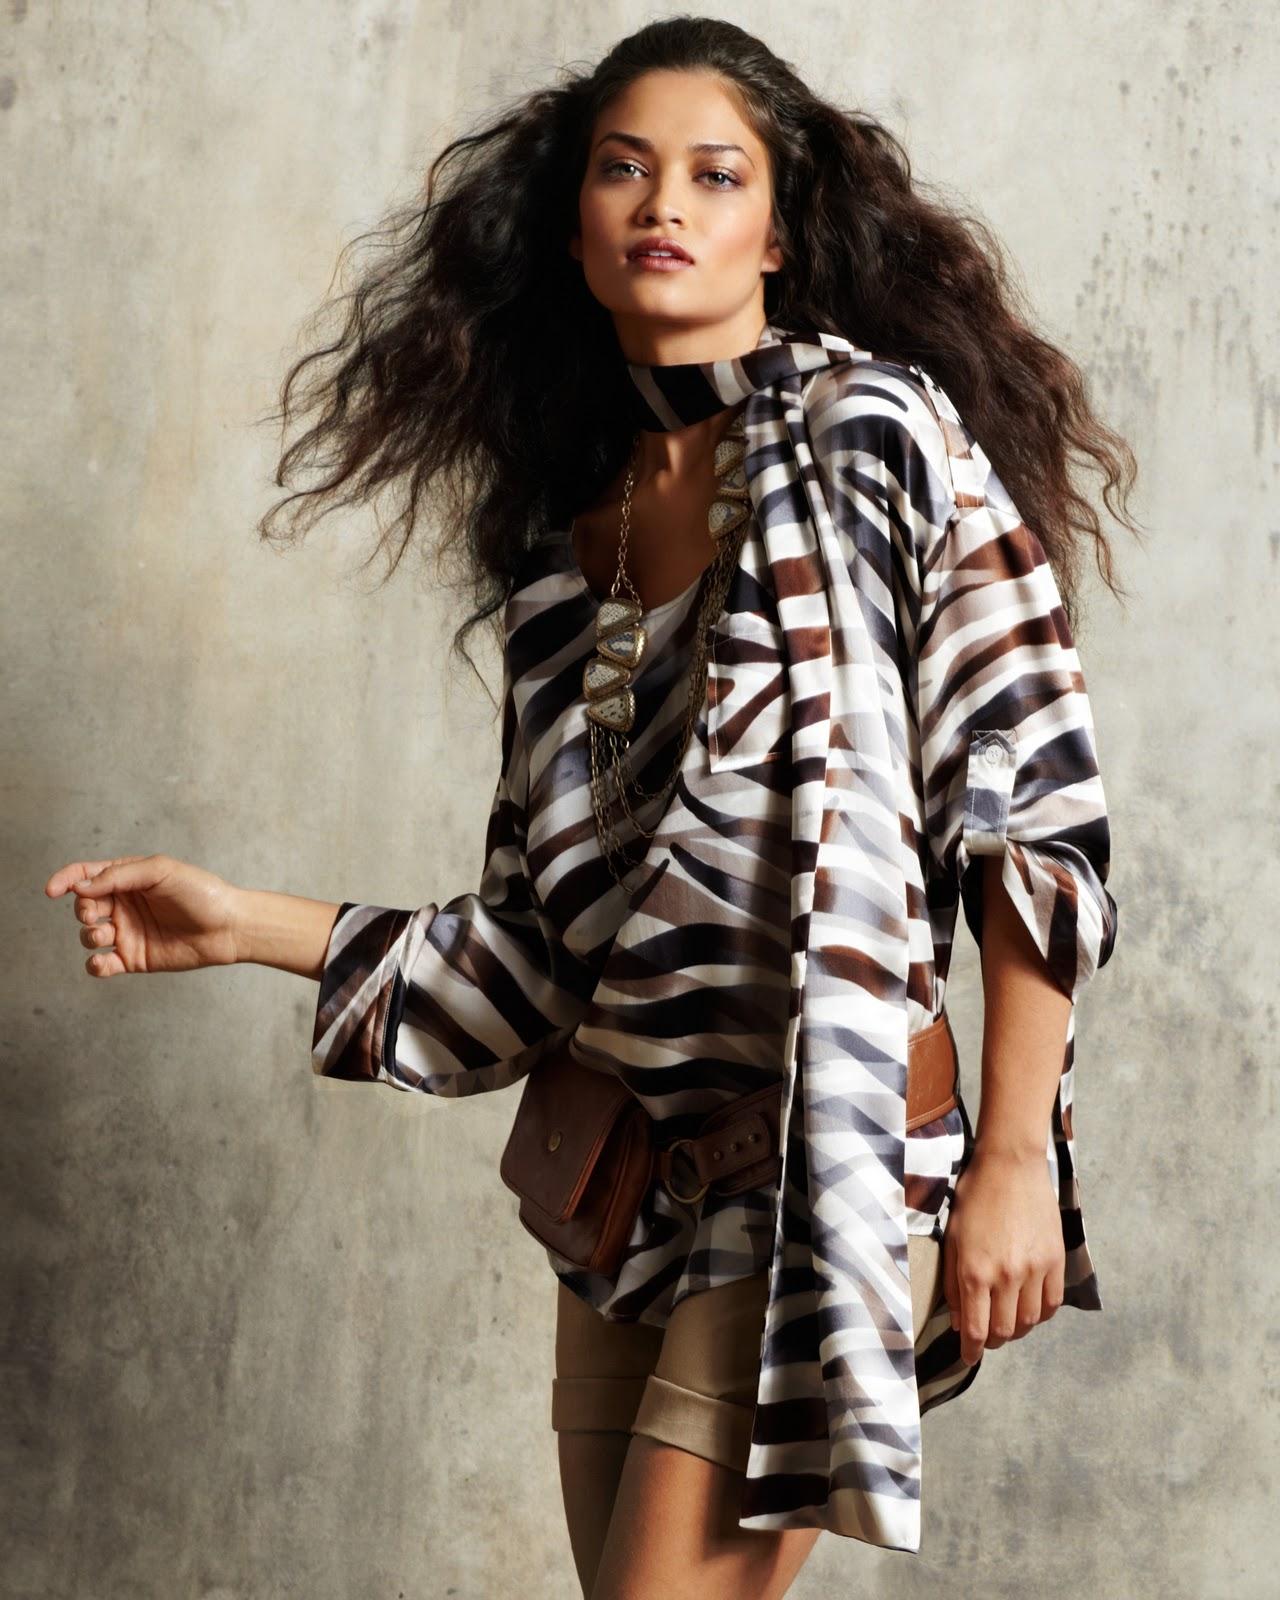 Shanina Shaik 2011